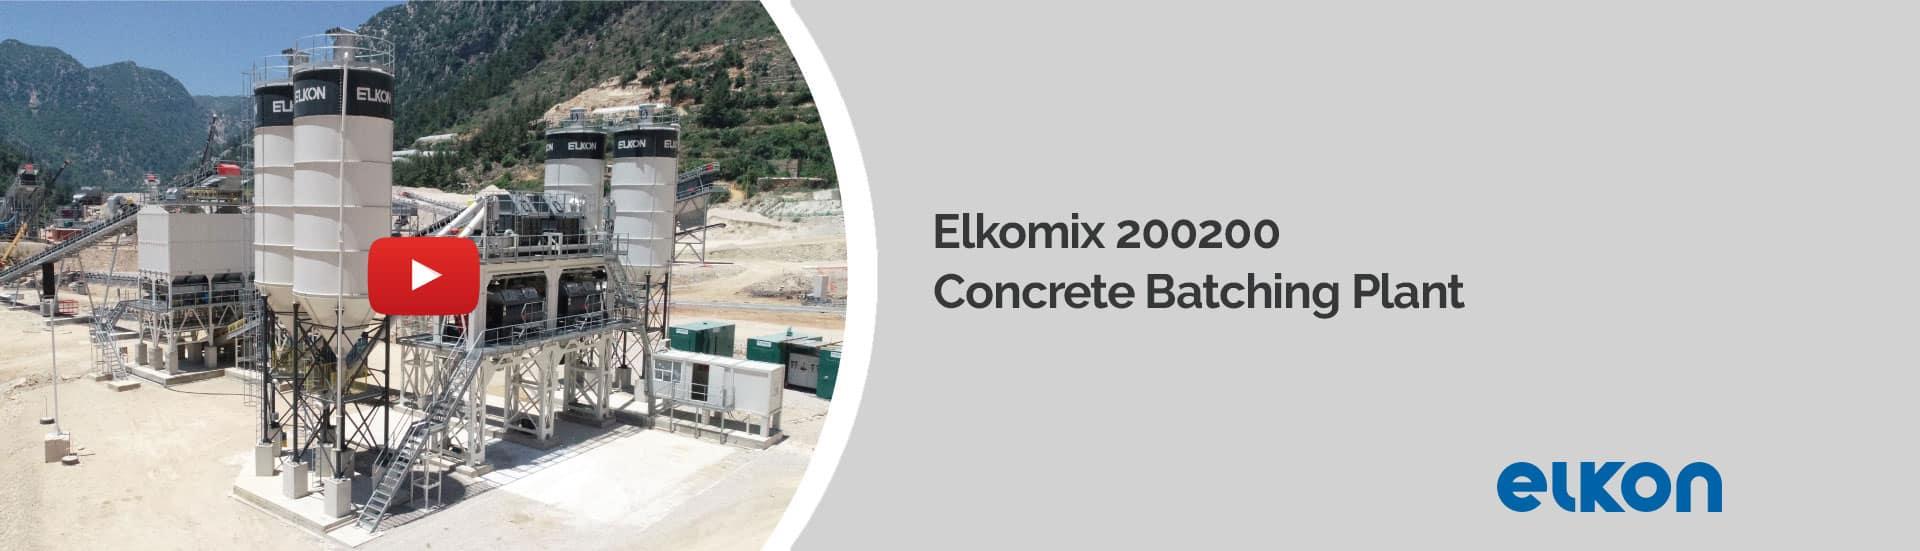 Elkomix 200200 - Concrete Batching Plant